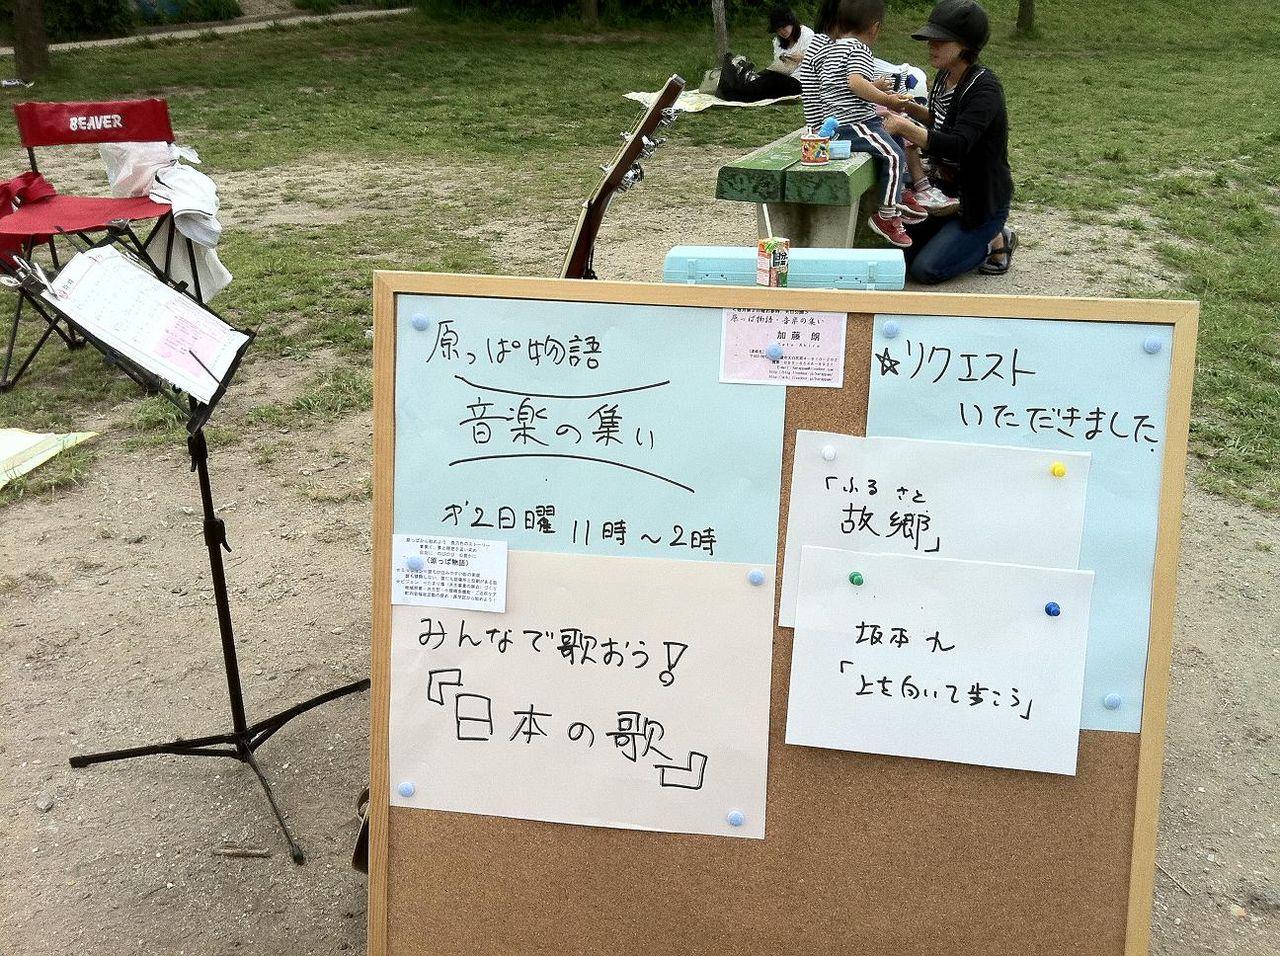 原っぱ物語-音楽の集い-110508-01-50p